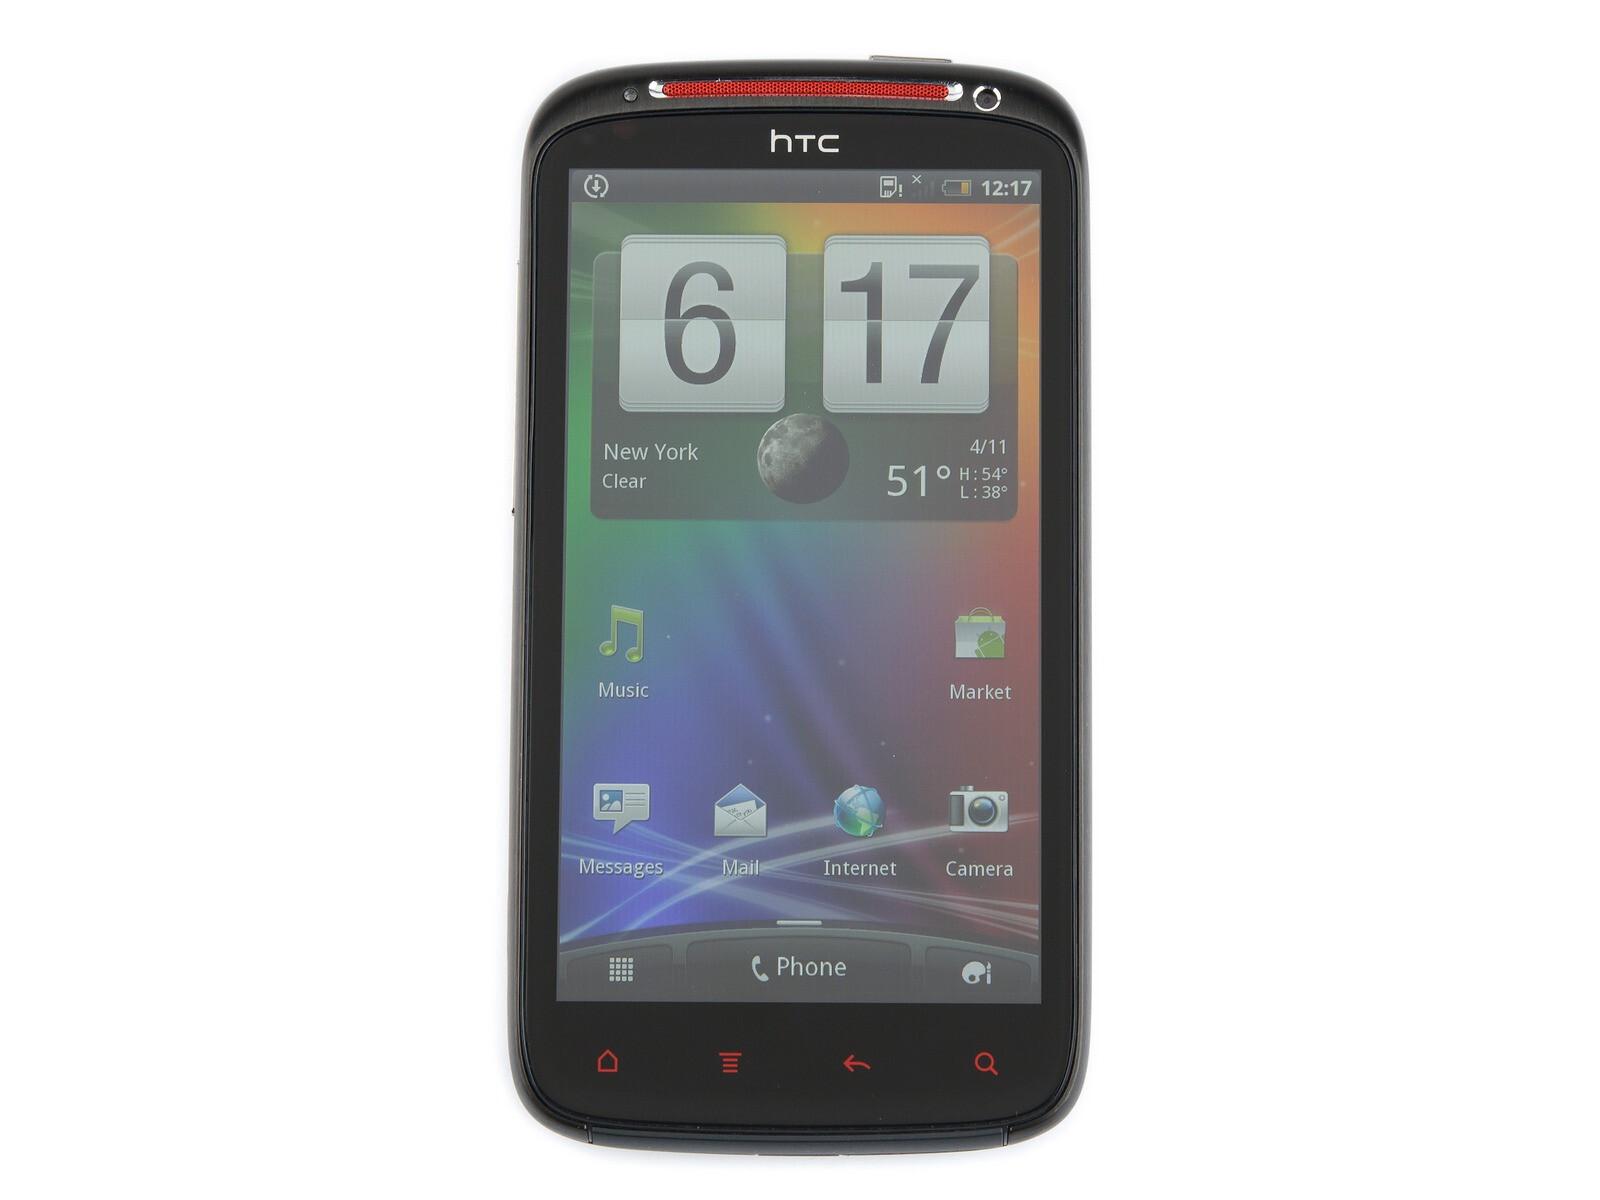 HTC Sensation XE specs